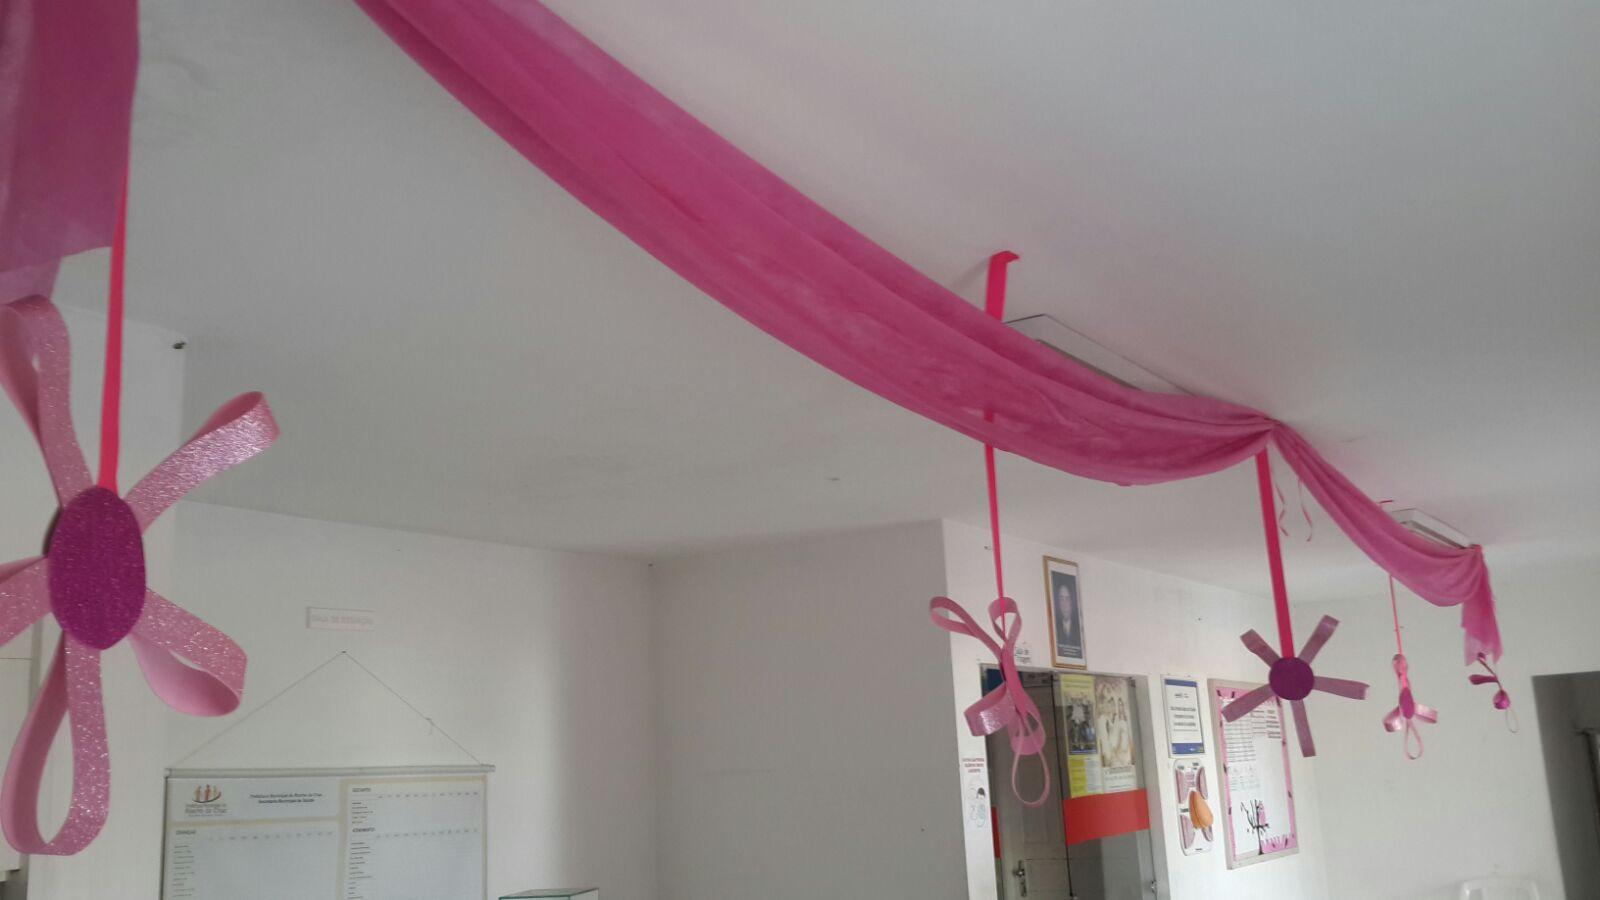 Blog Prefeitura Municipal de Riacho da Cruz RN Equipe de Saúde realiza Decoraç u00e3o do Outubro  -> Decoração Outubro Rosa Simples